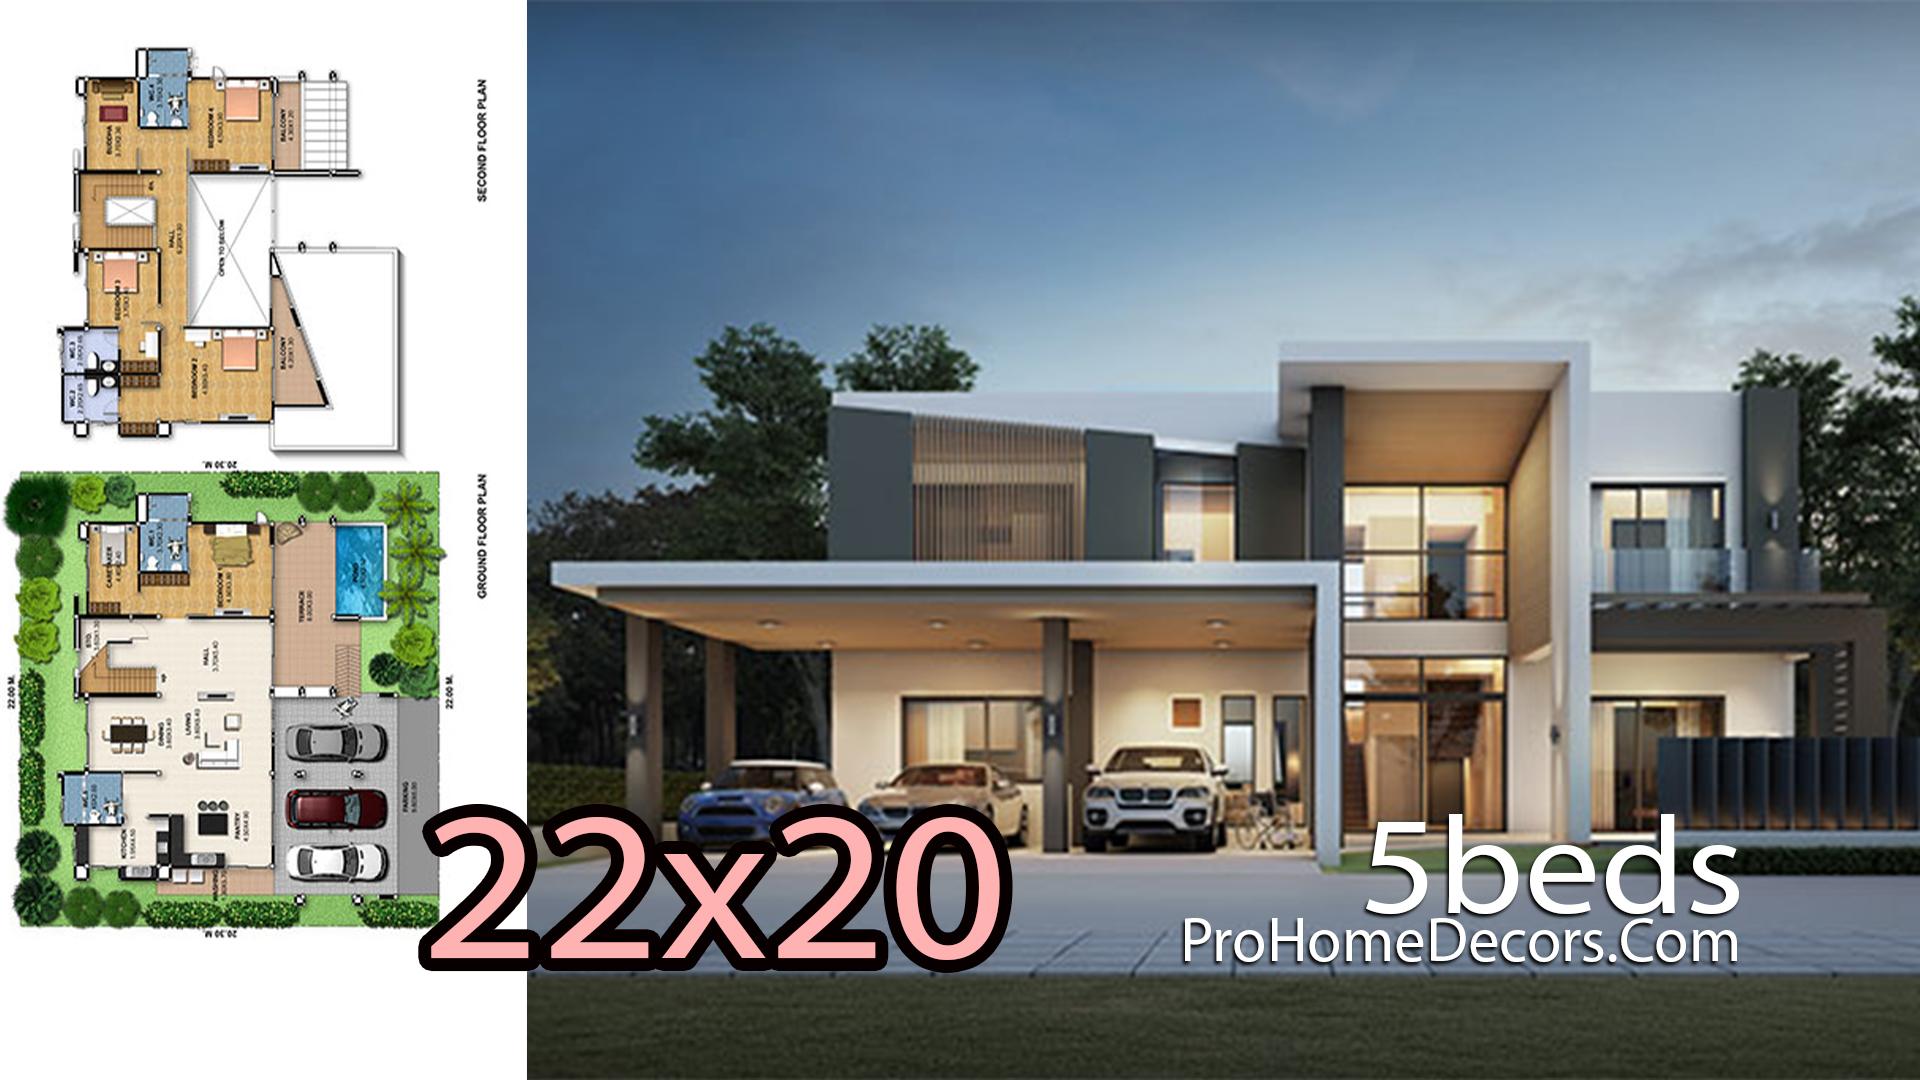 House Design Plot 22x20 Meters 5 Bedrooms